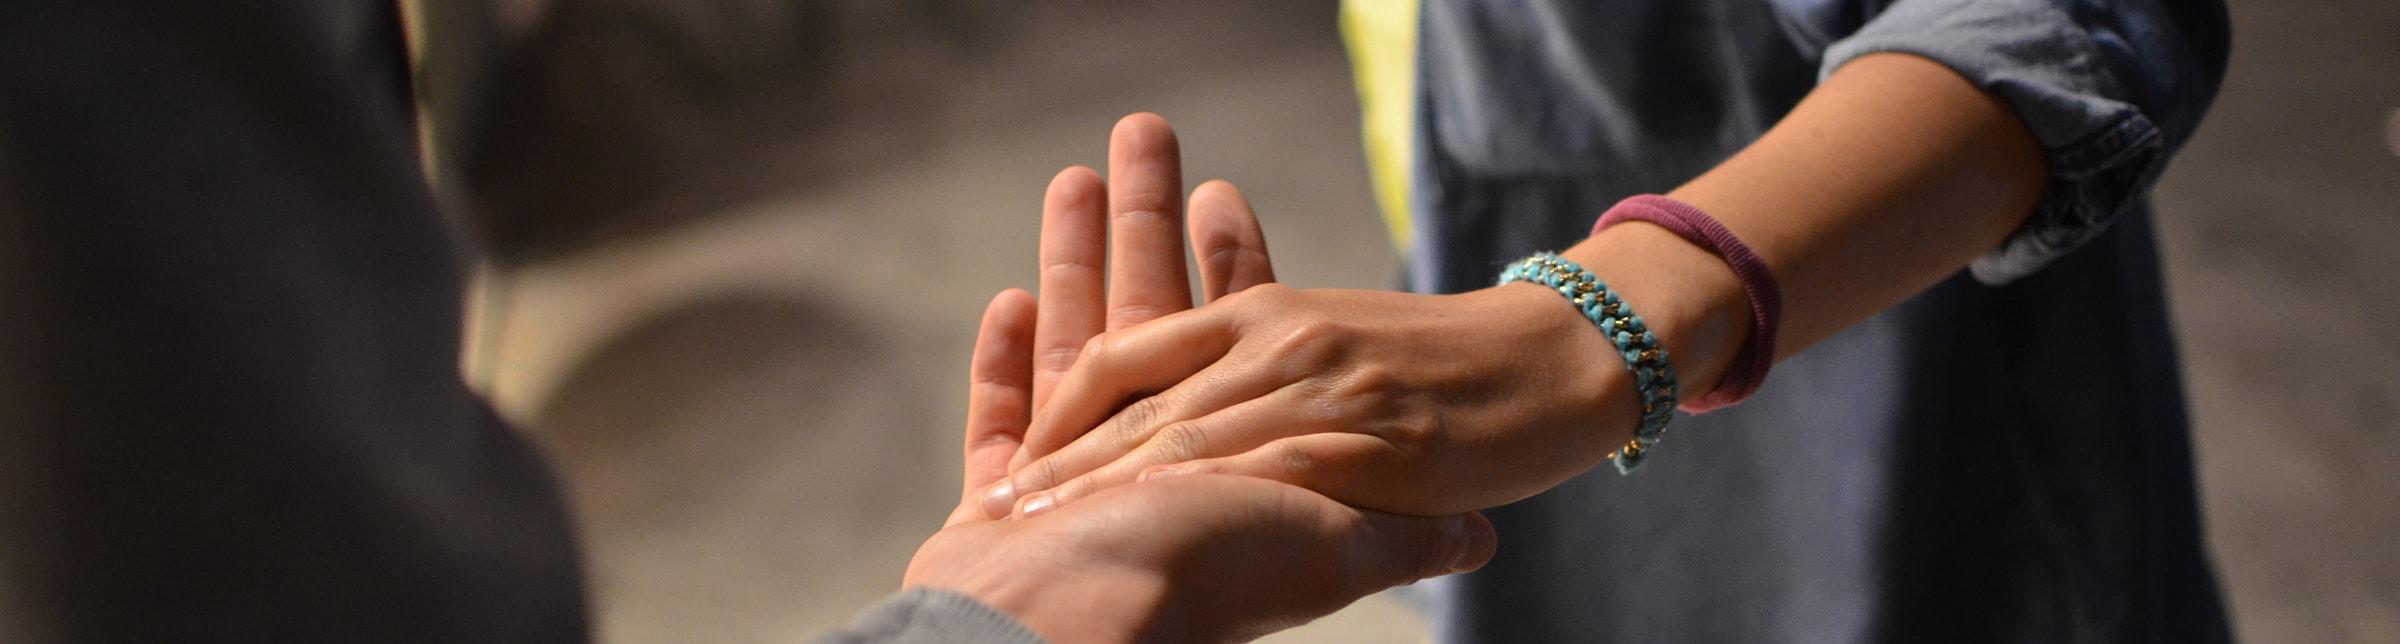 L'immagine rappresenta il primo piano della mano di un uomo tesa che accoglie la mano di una donna